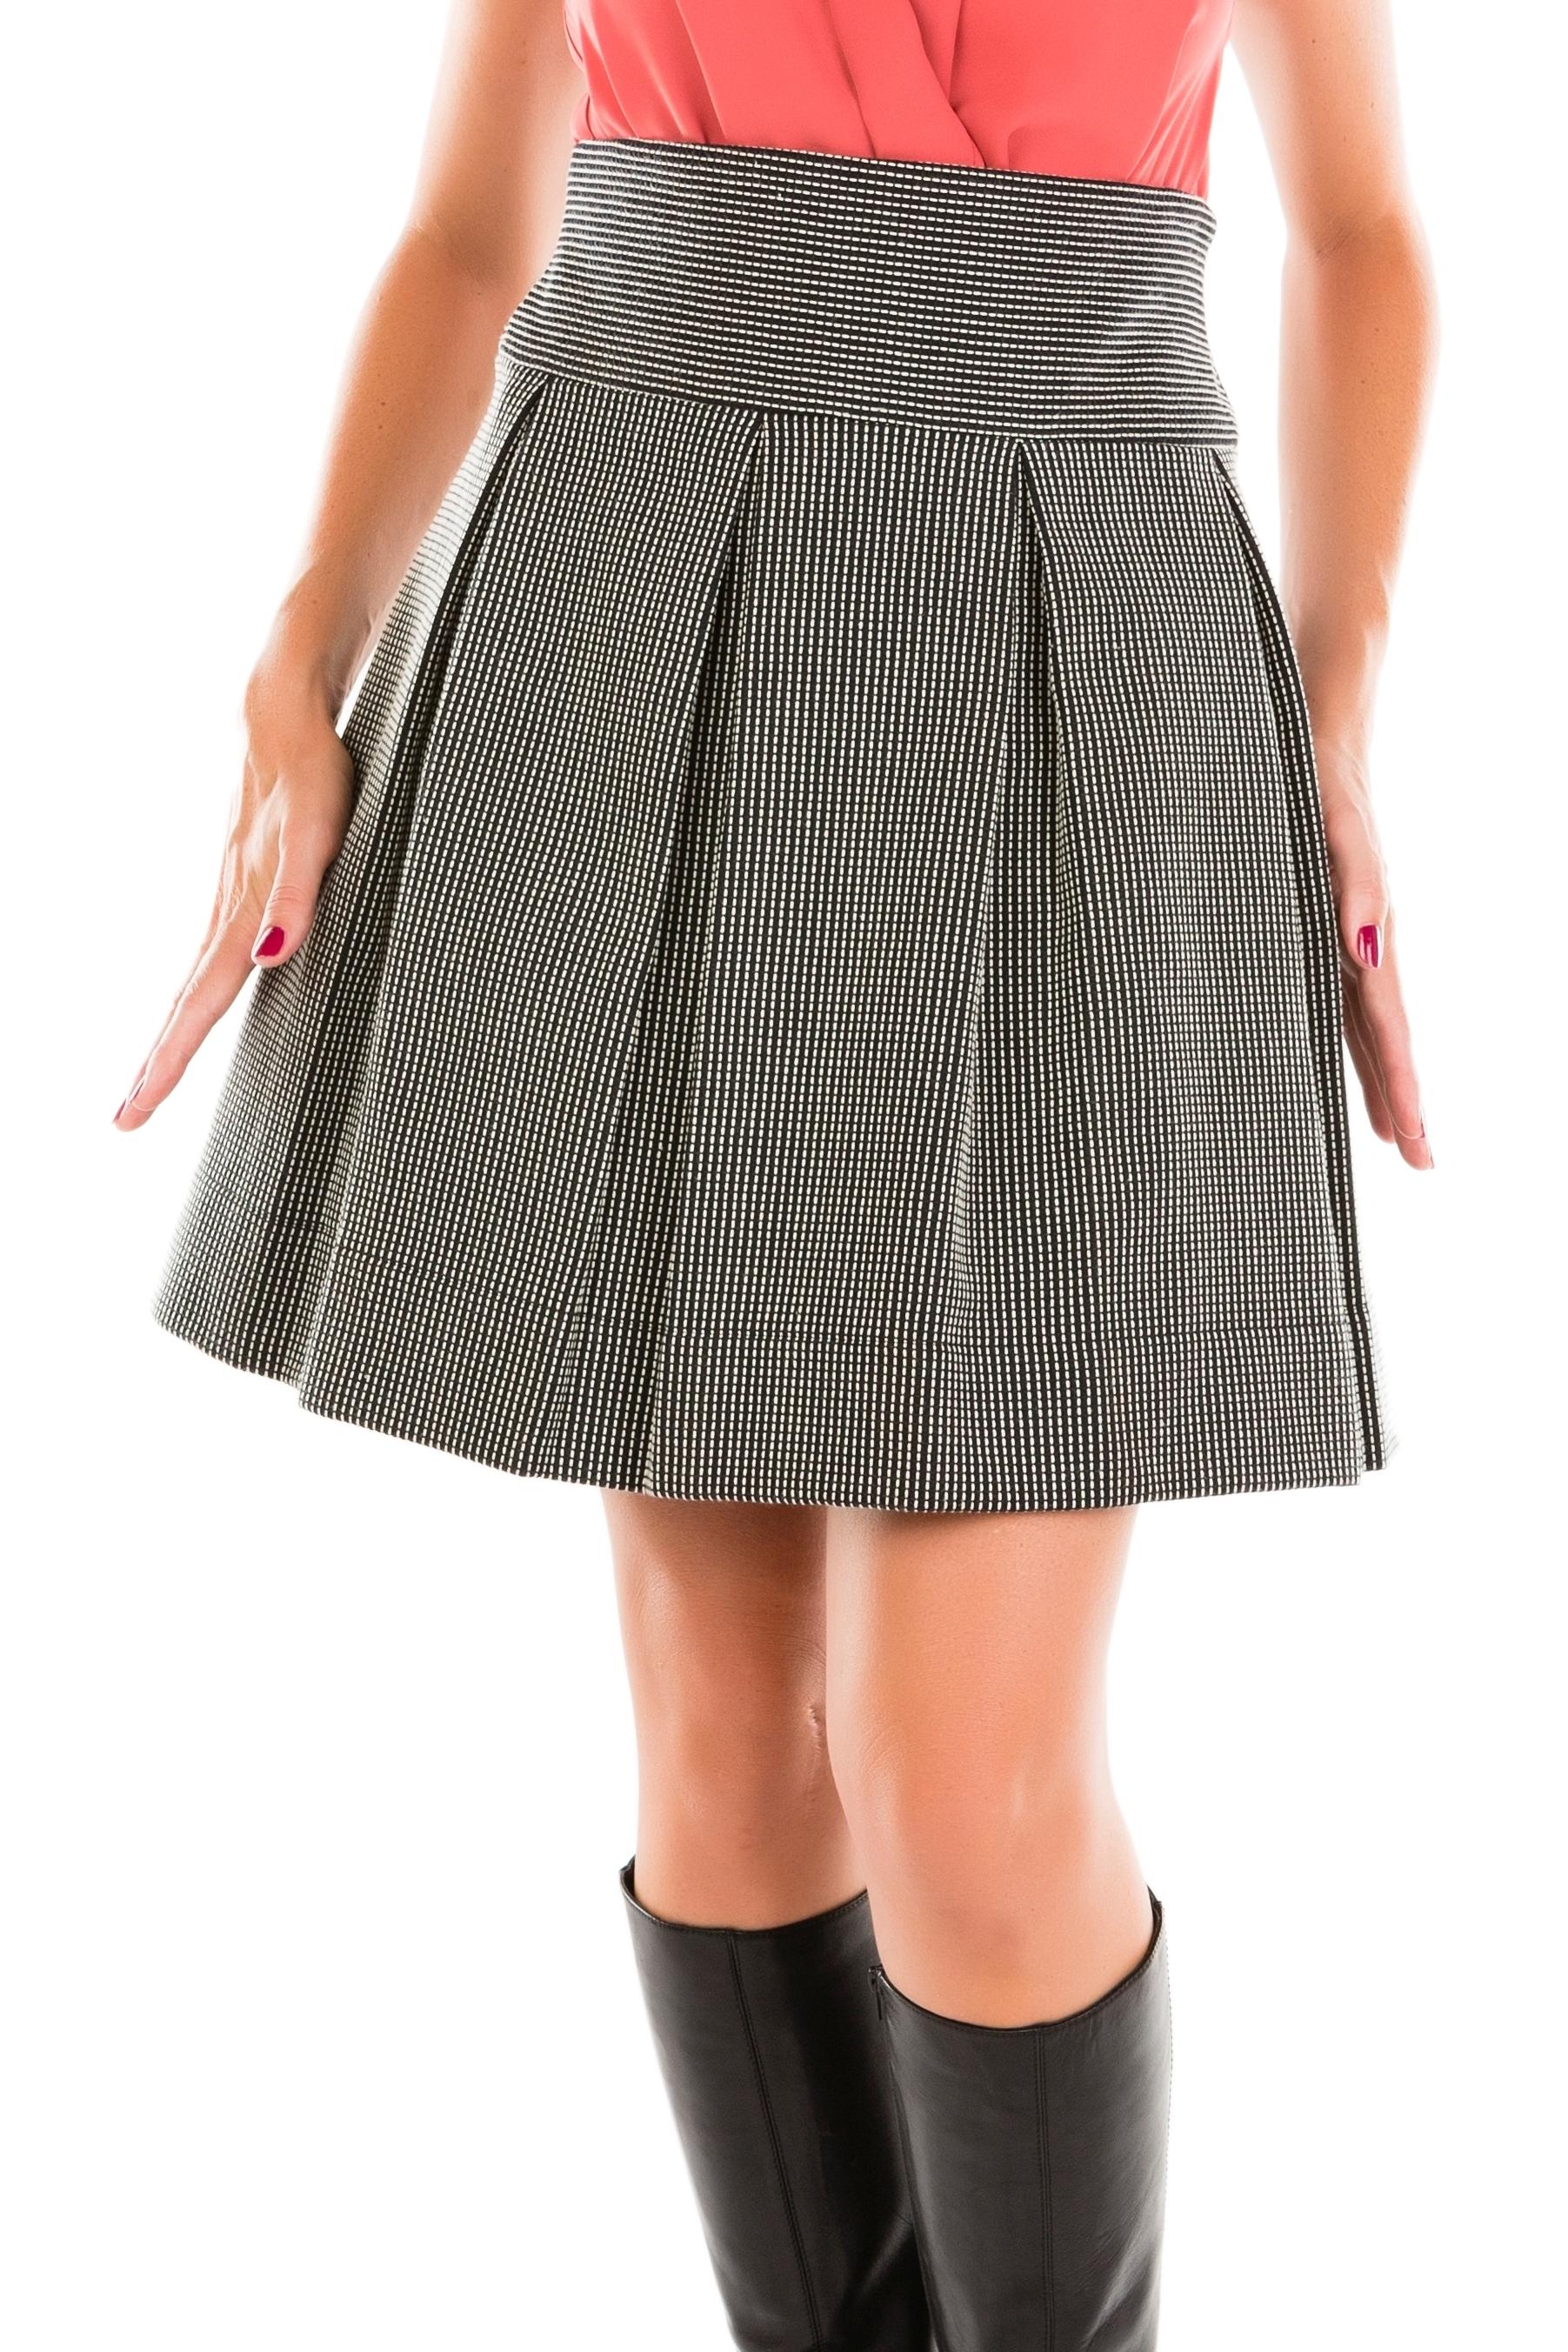 Jupe rayée texturée à gros plis plats